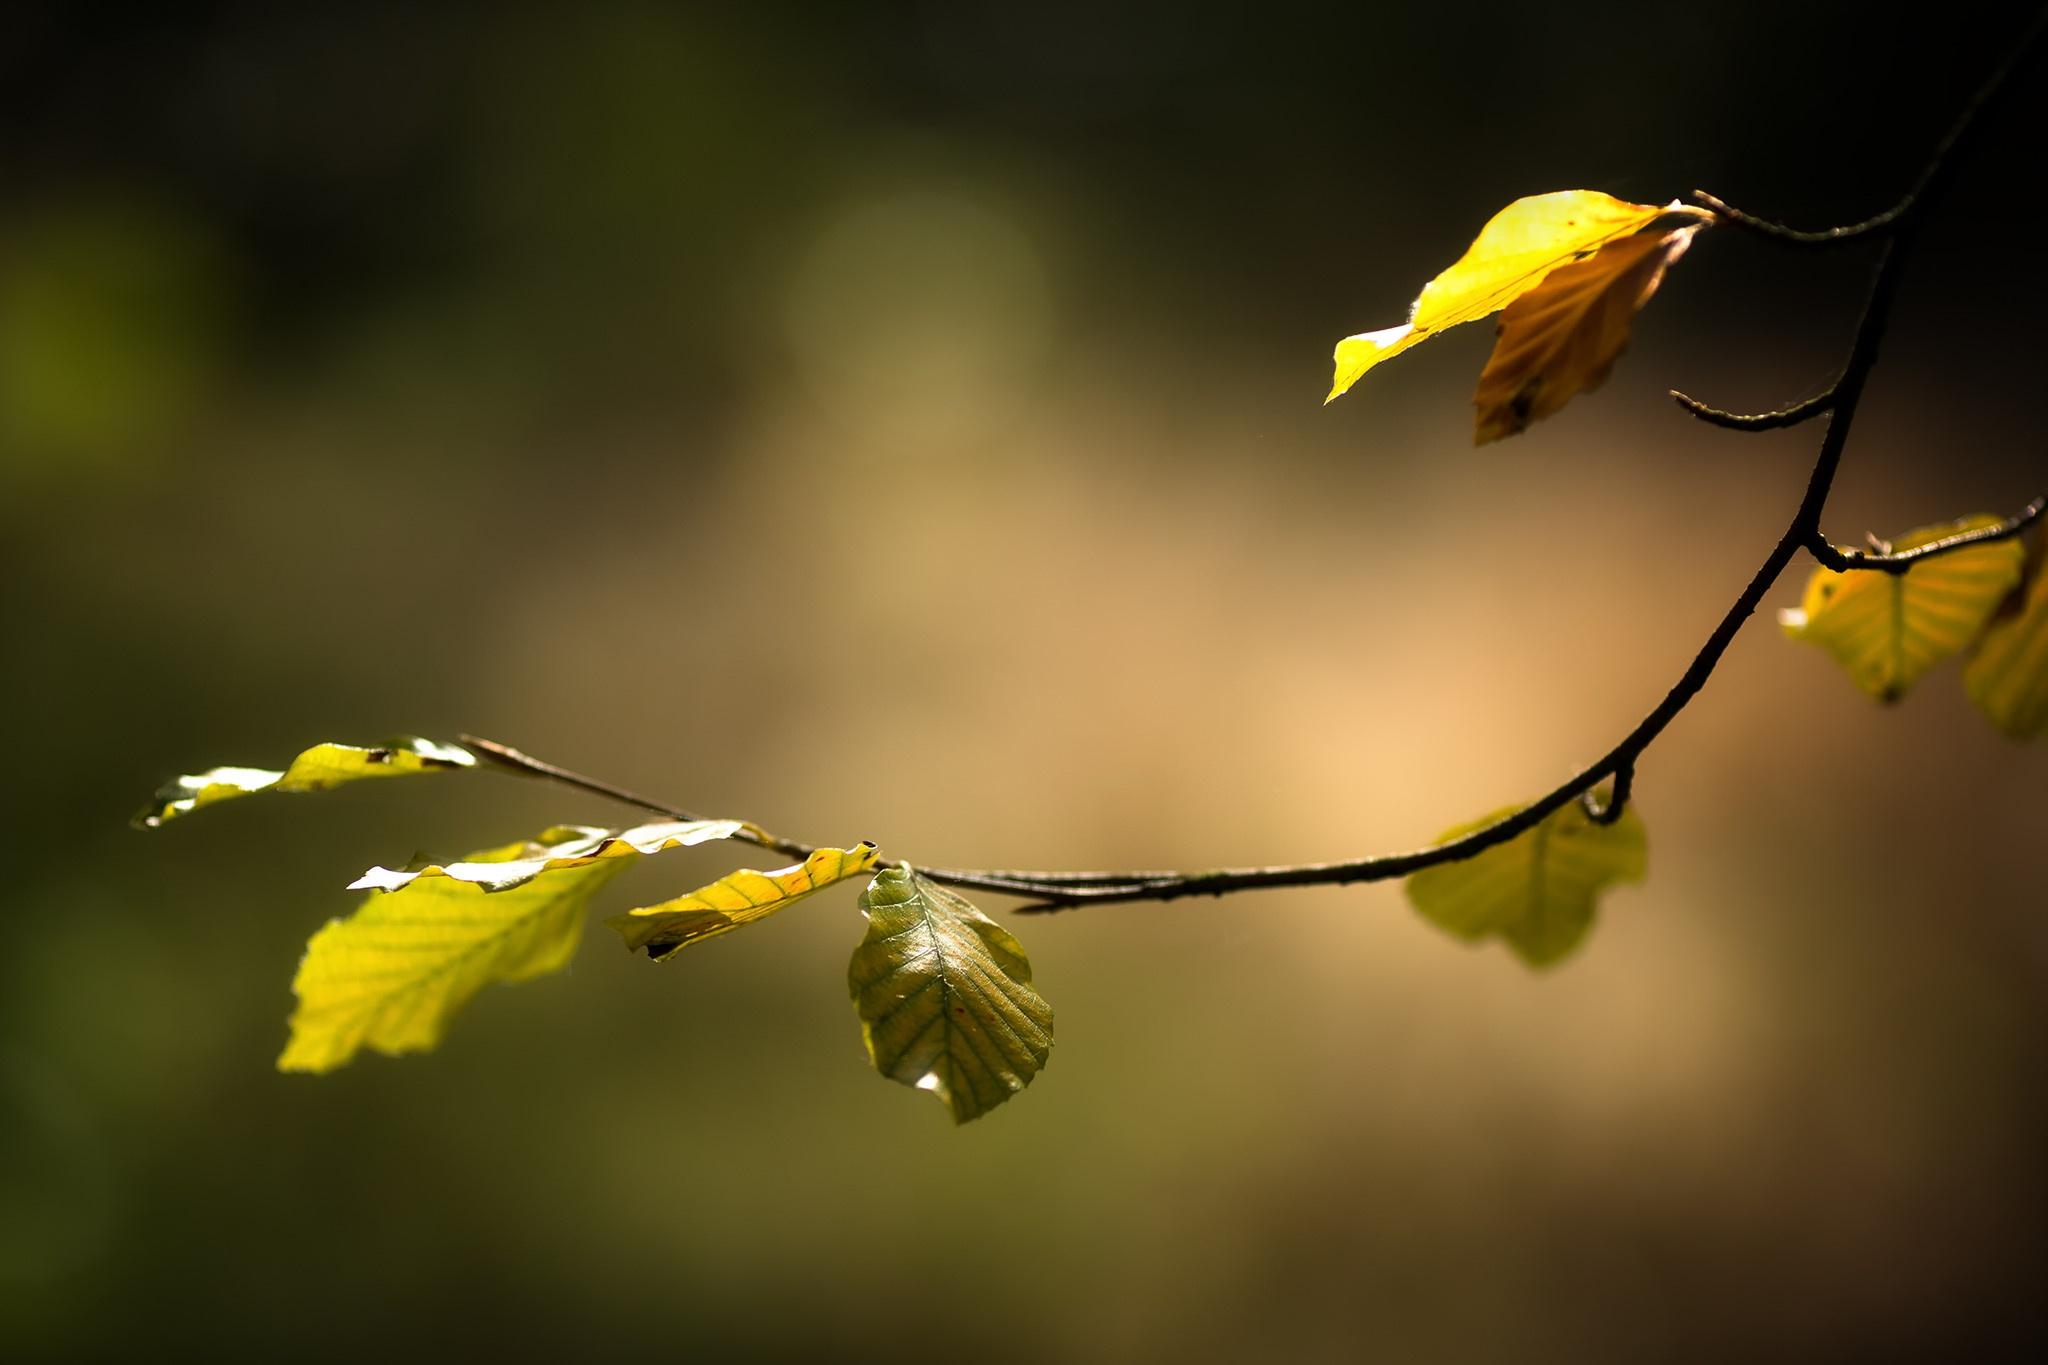 природа ветка листья nature branch leaves  № 2314 загрузить